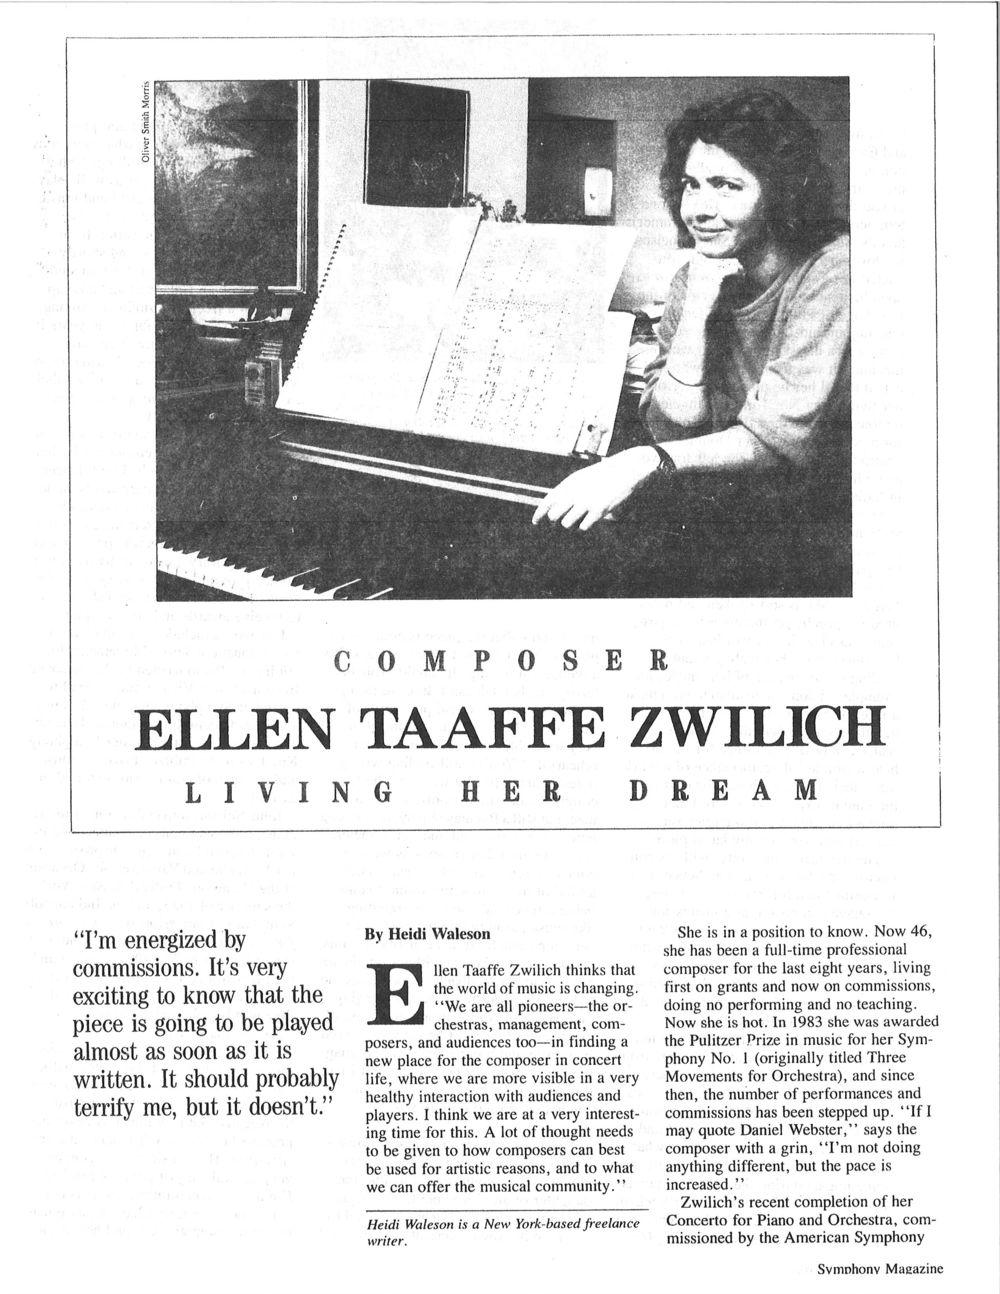 Symphony Magazine Article